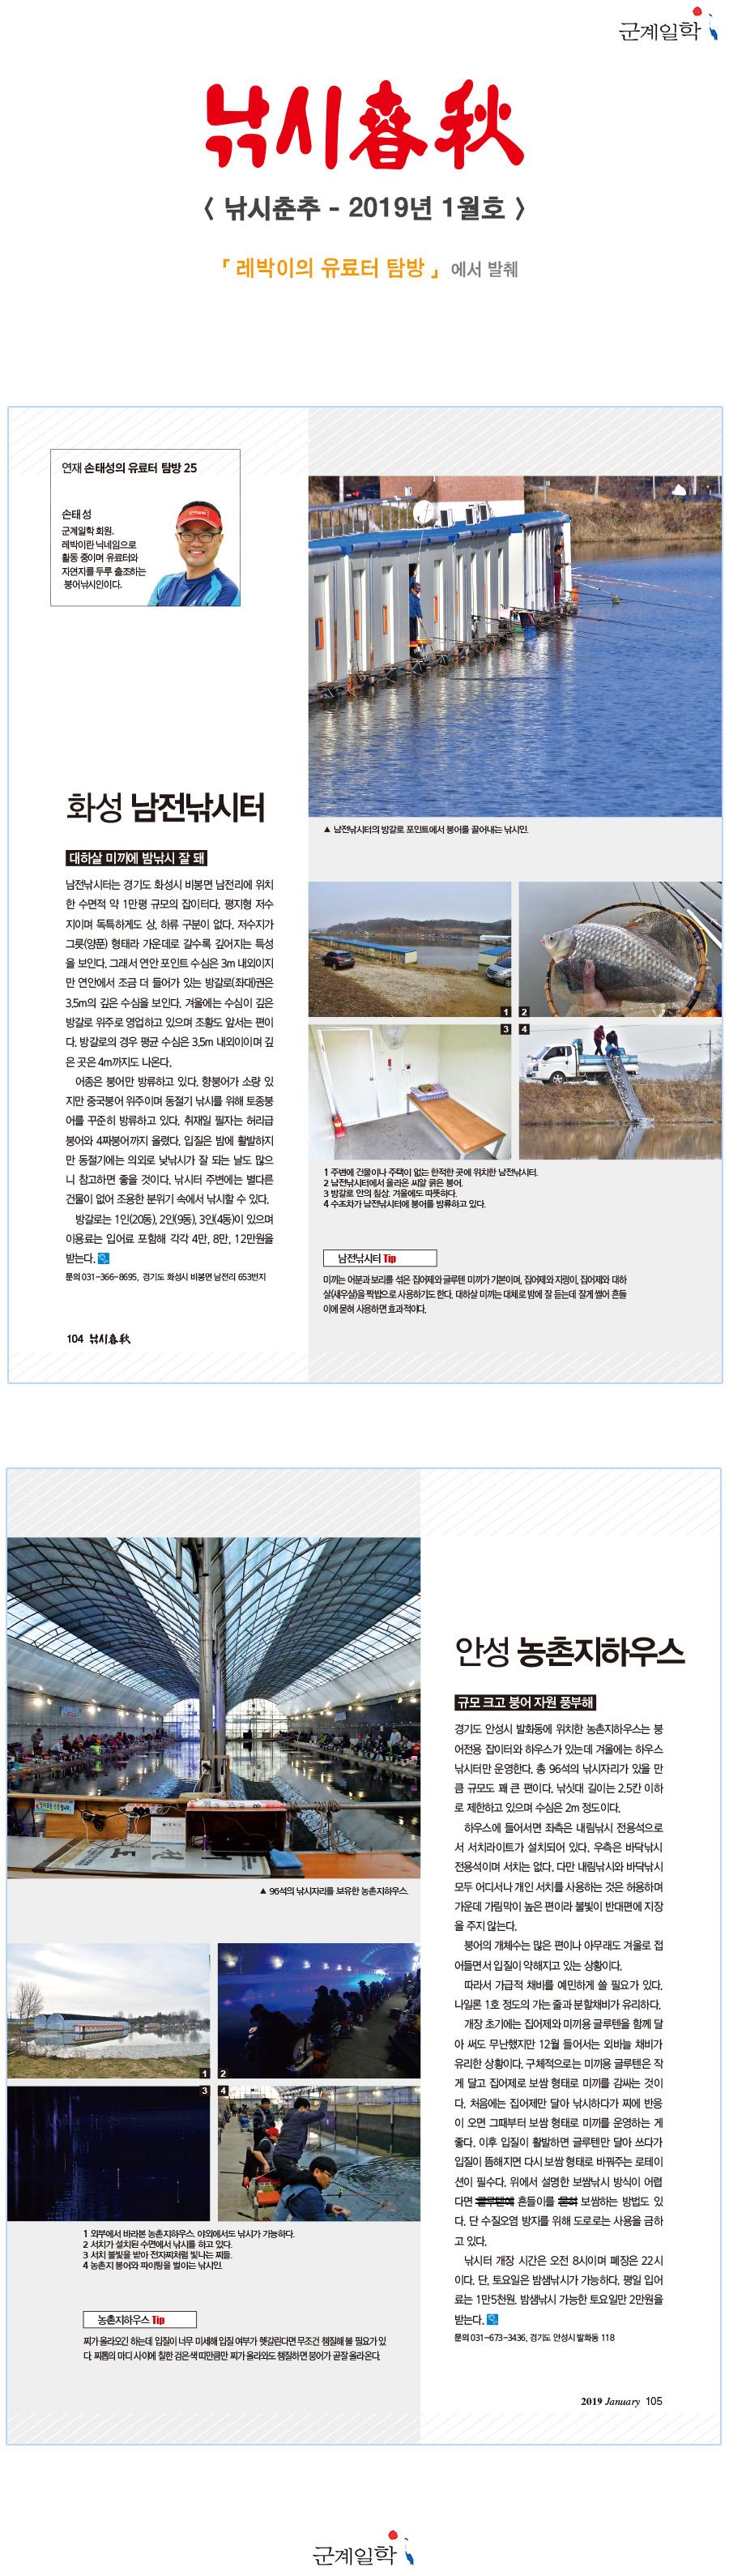 낚시춘추 2019년 1월호 - 레박이의 낚시터 탐방.jpg